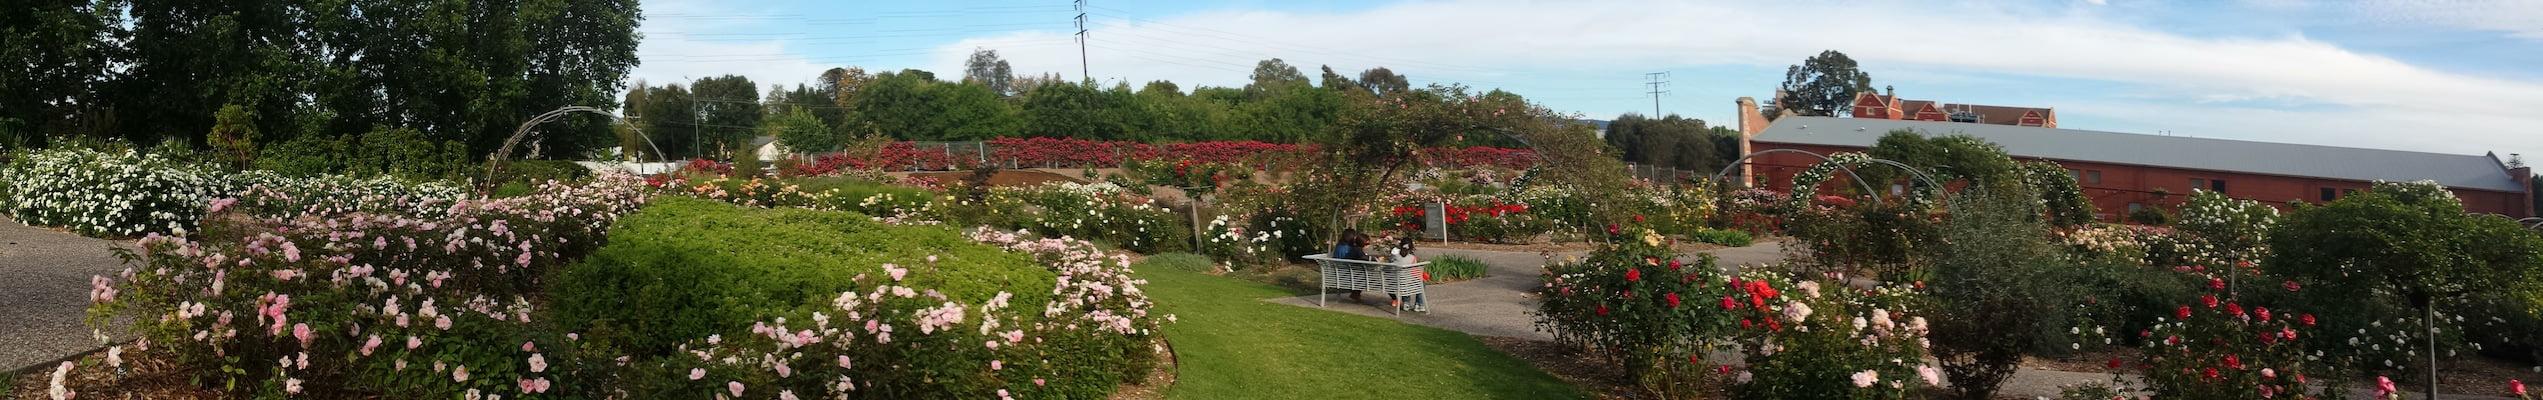 National Rose Garden in Adelaide Botanic Gardens